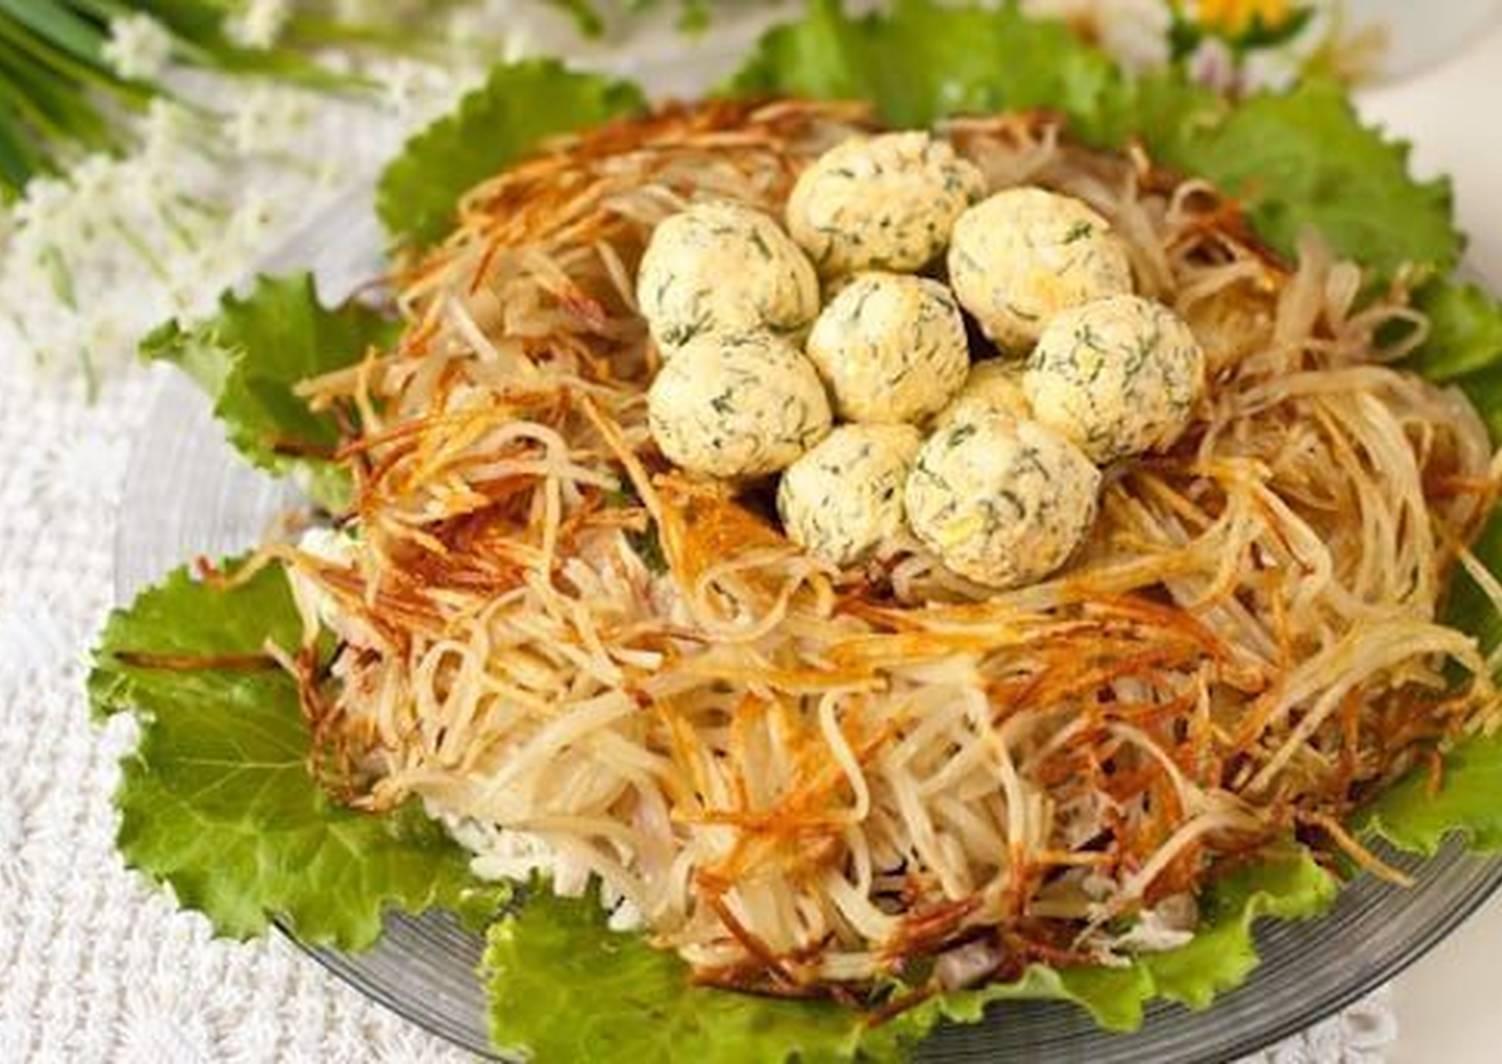 рецепт салата гнездо глухаря классический с фото этом пересечённом поле